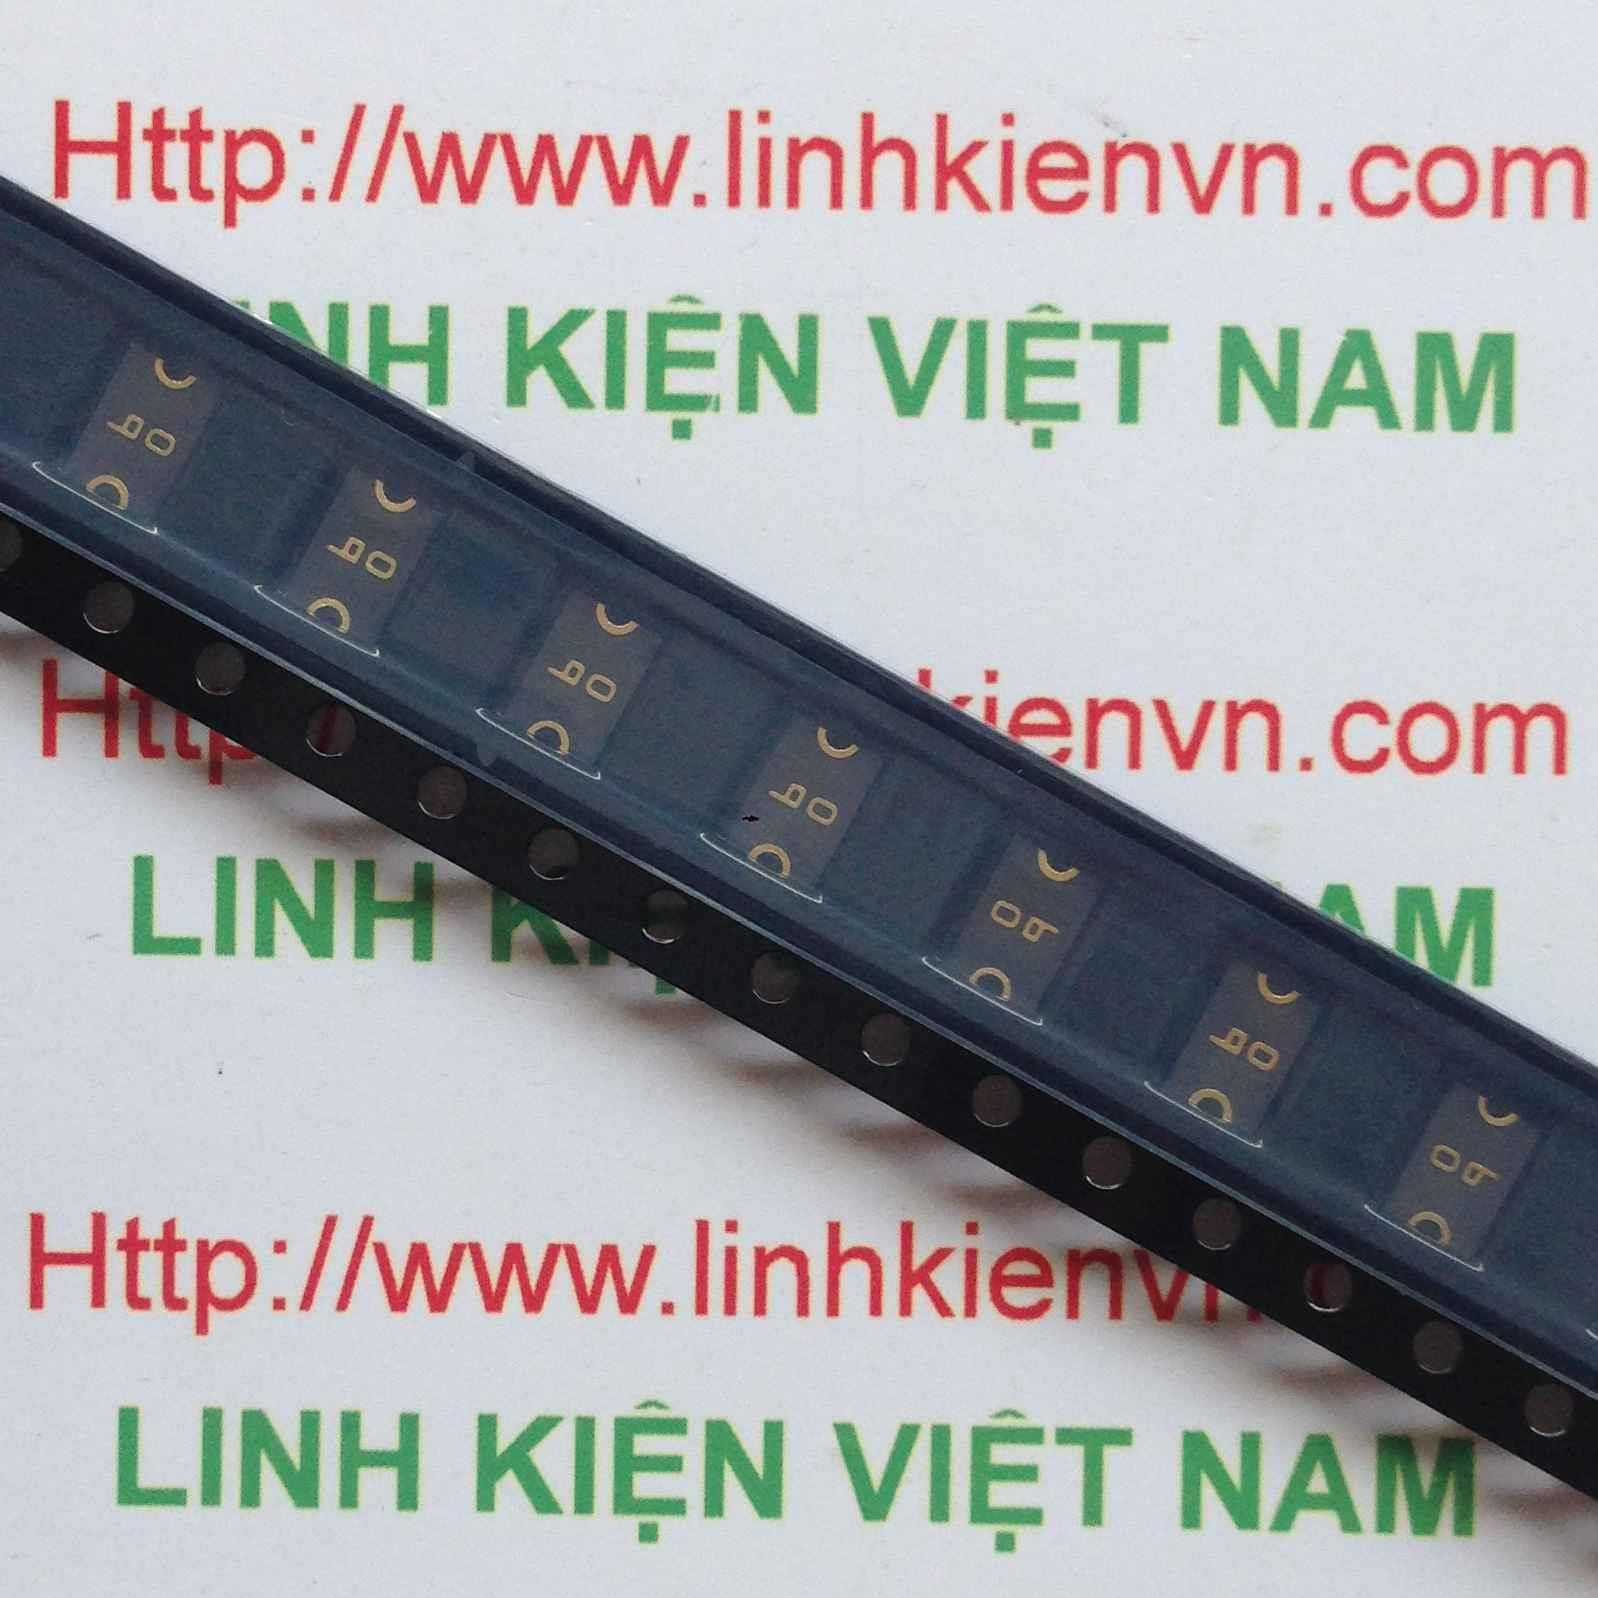 Cầu chì tự phục hồi 24V/1.1A - 1812 SMD - B10H9